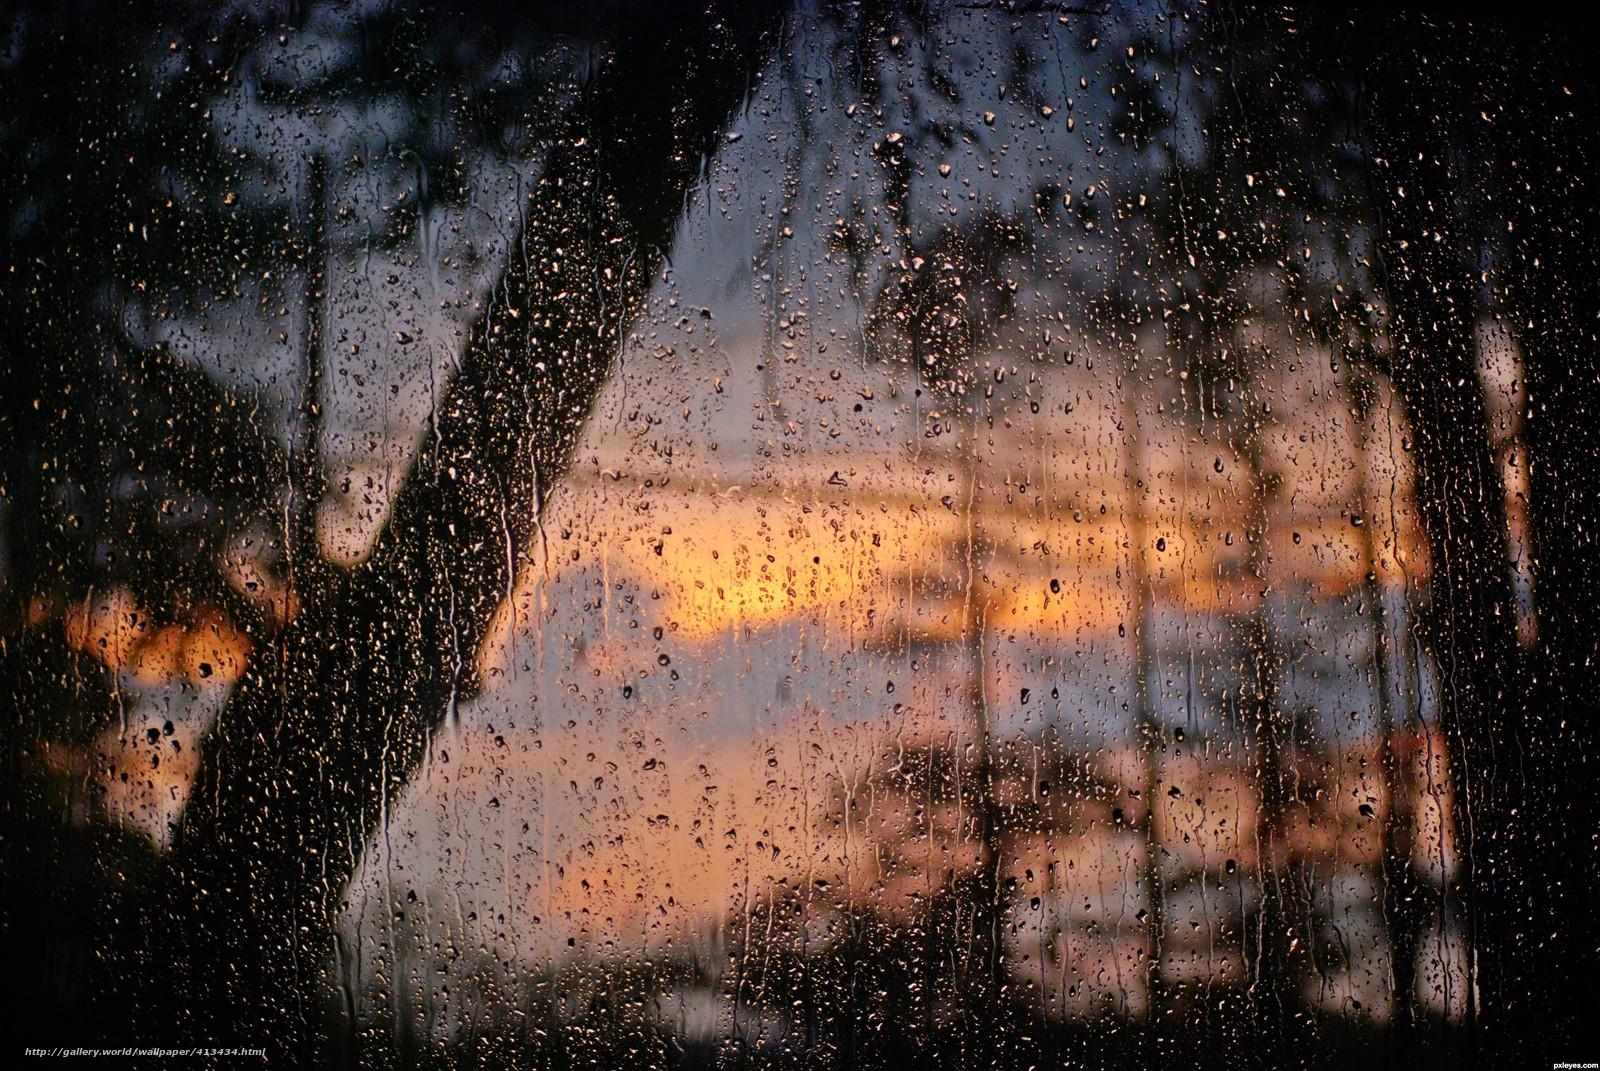 Обои дождь на рабочий стол 1920х1080